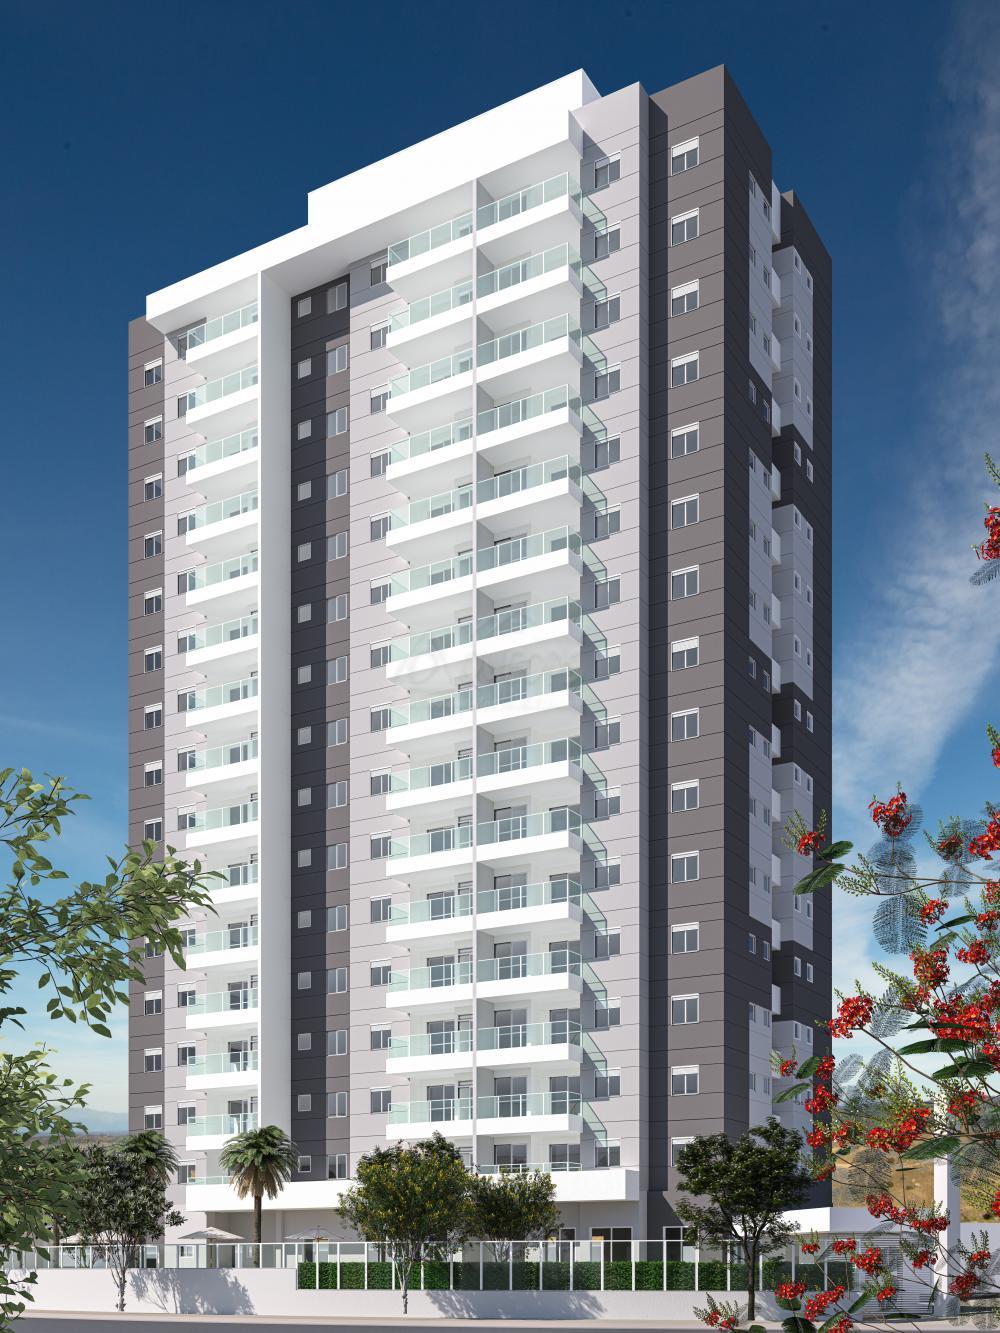 alt='Alugar Apartamento / Cobertura em Ribeirão Preto R$ 11,00 - Foto 14' title='Alugar Apartamento / Cobertura em Ribeirão Preto R$ 11,00 - Foto 14'